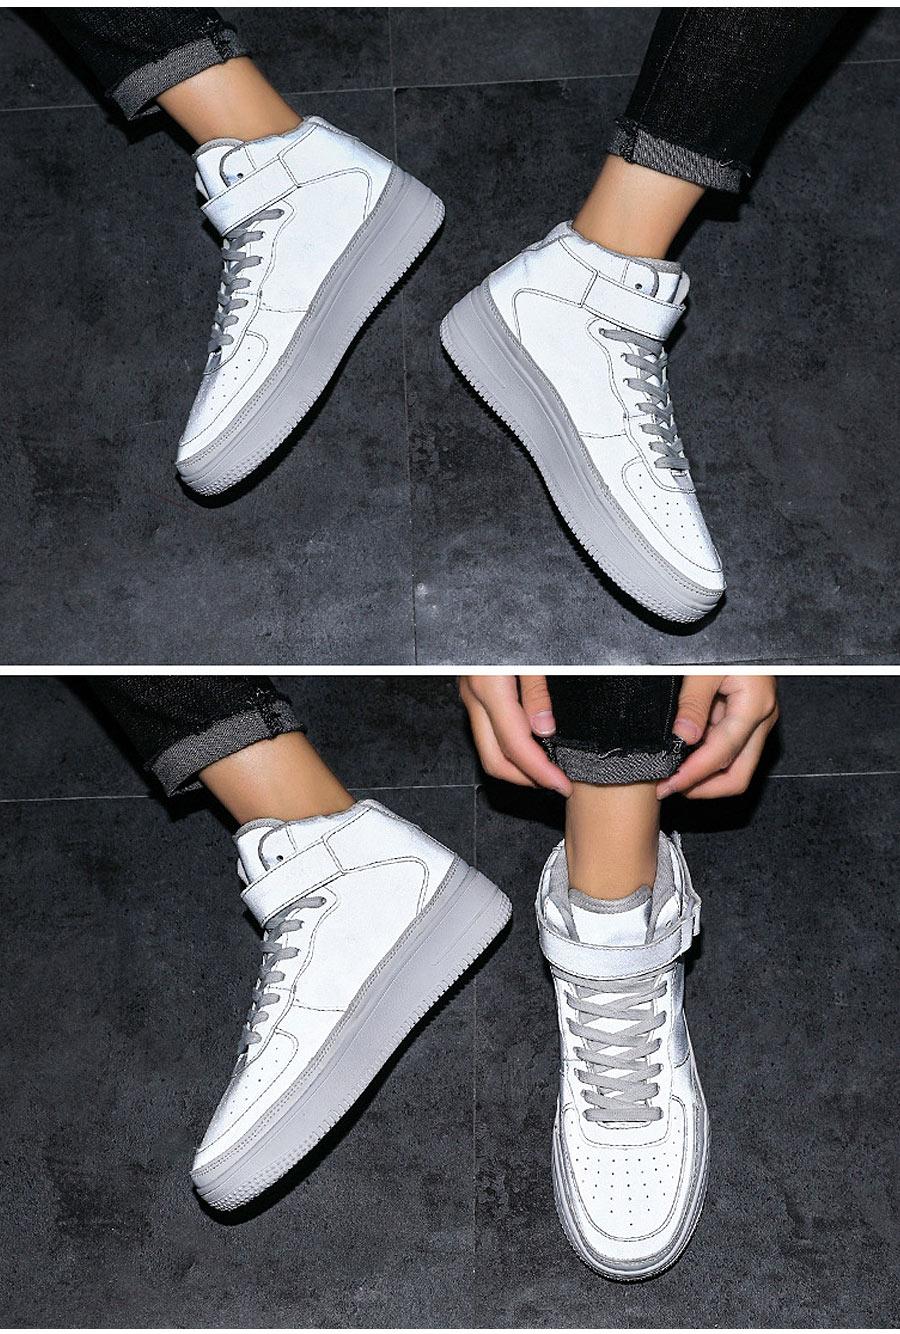 各种运动鞋_12